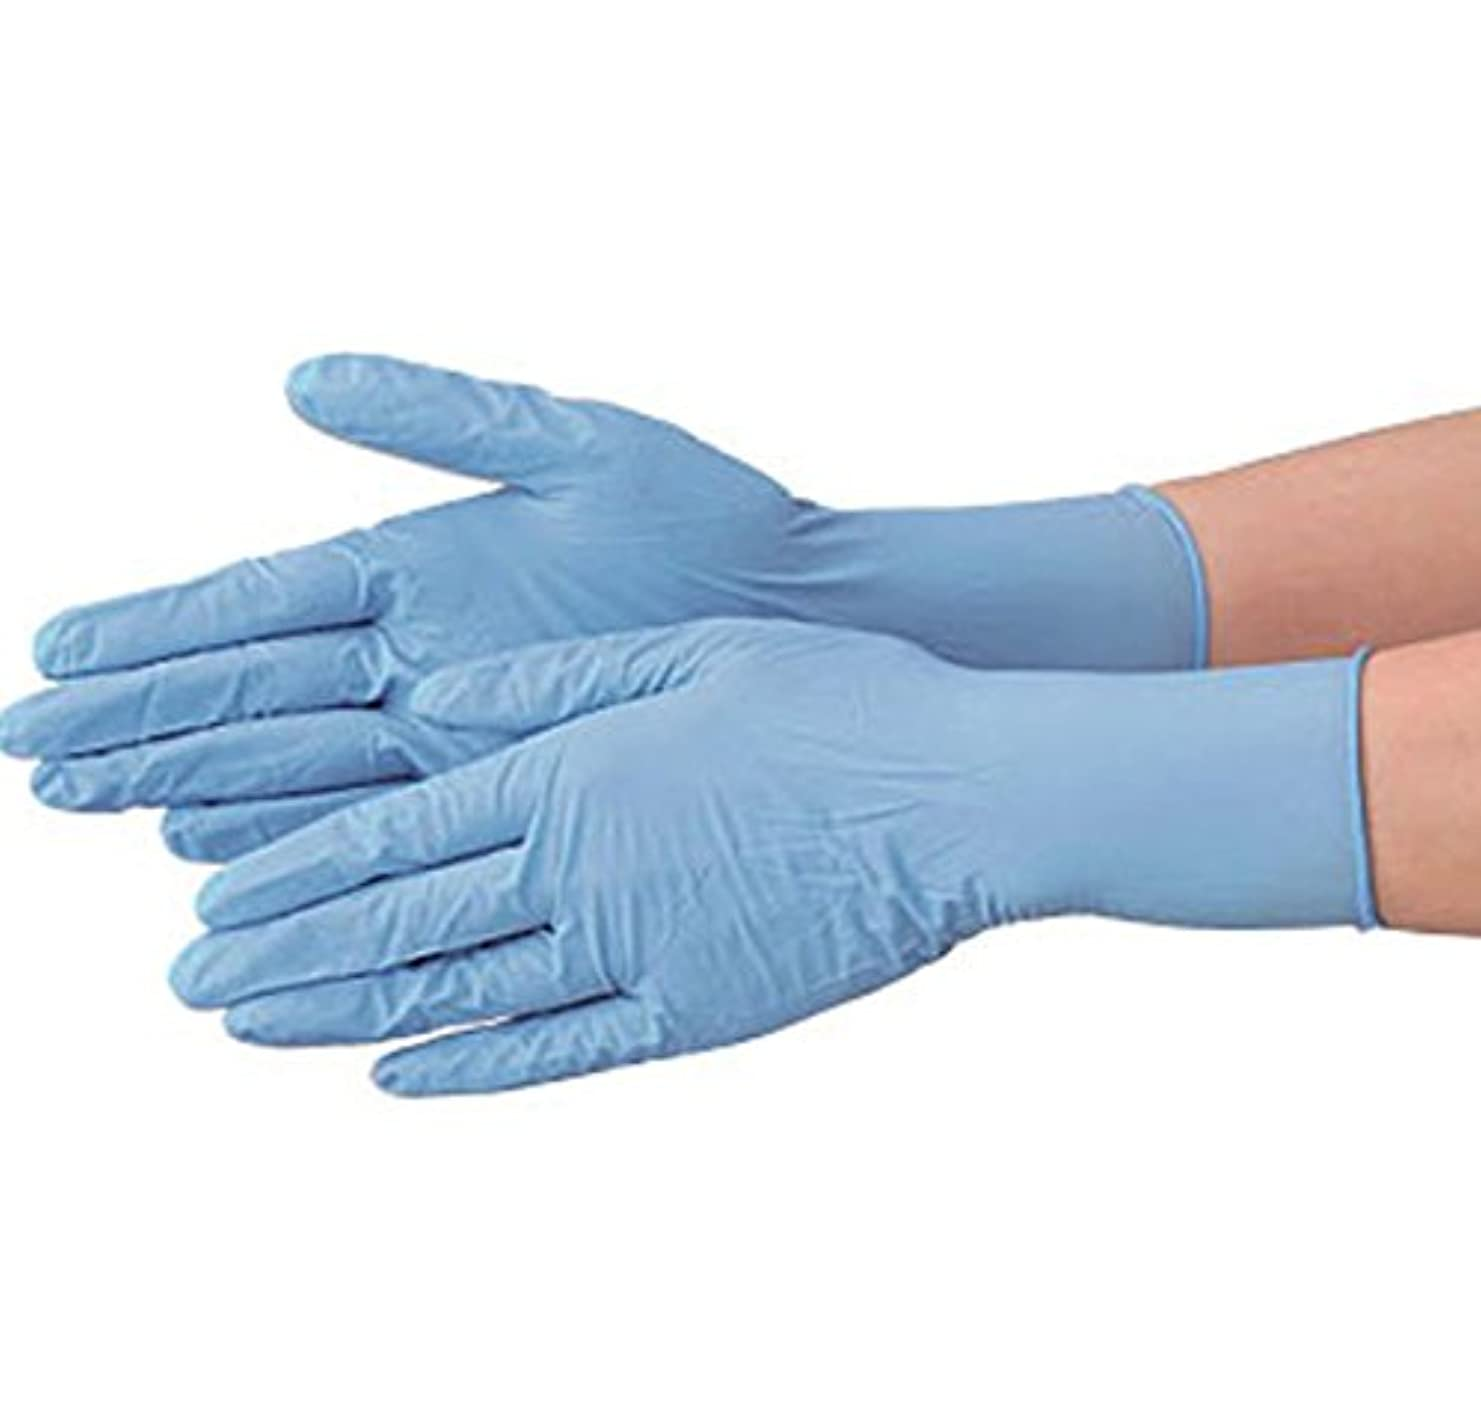 ありそう民族主義コンピューターゲームをプレイする使い捨て 手袋 エブノ 520 ニトリル 極薄手袋 パウダーフリー ブルー Mサイズ 2ケース(100枚×40箱)